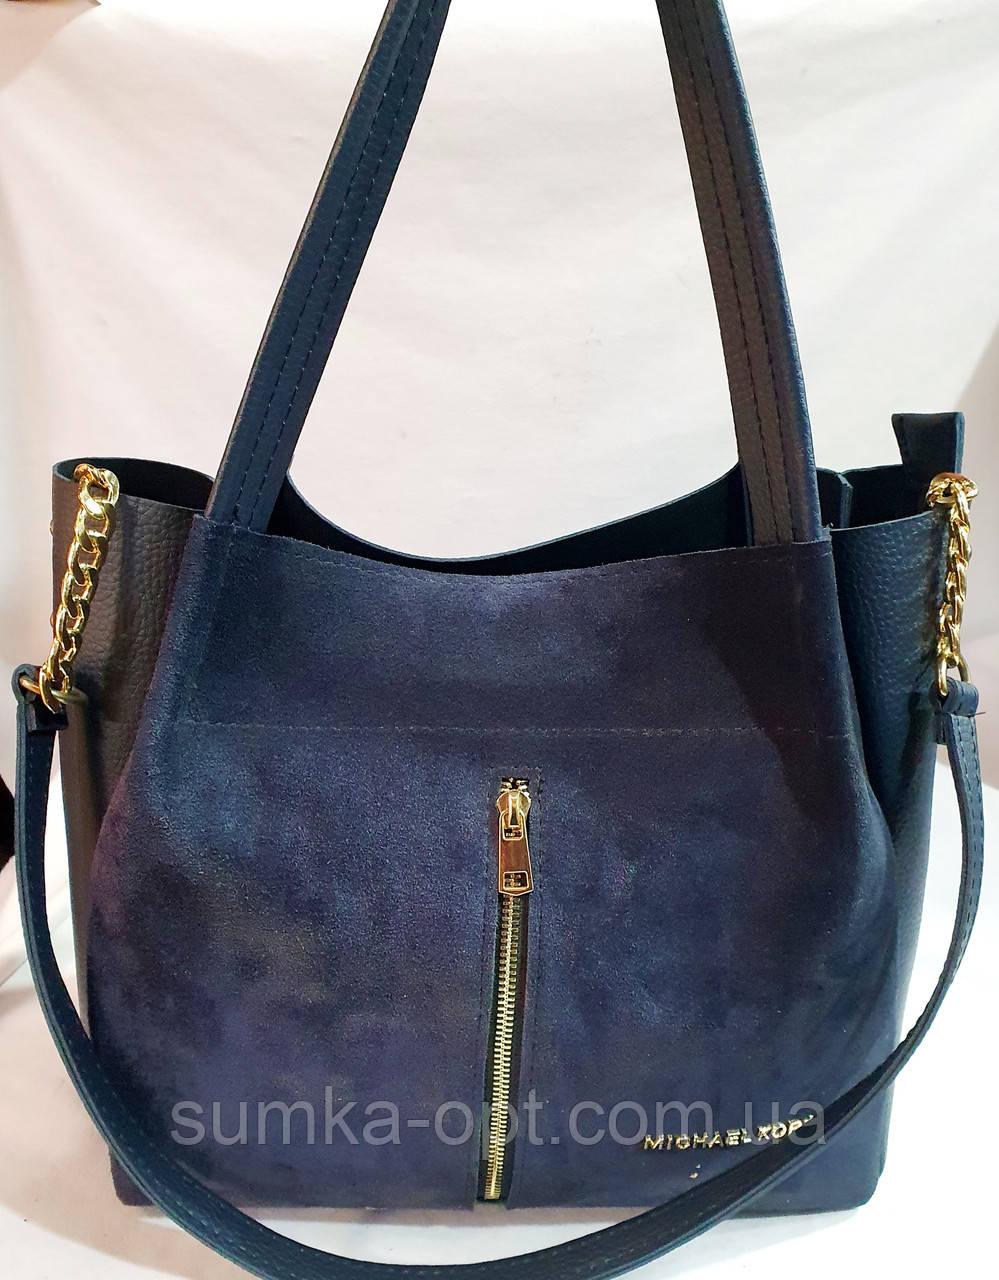 Брендовая женская сумка Michael Kors синяя из натуральной замши 32*29 см